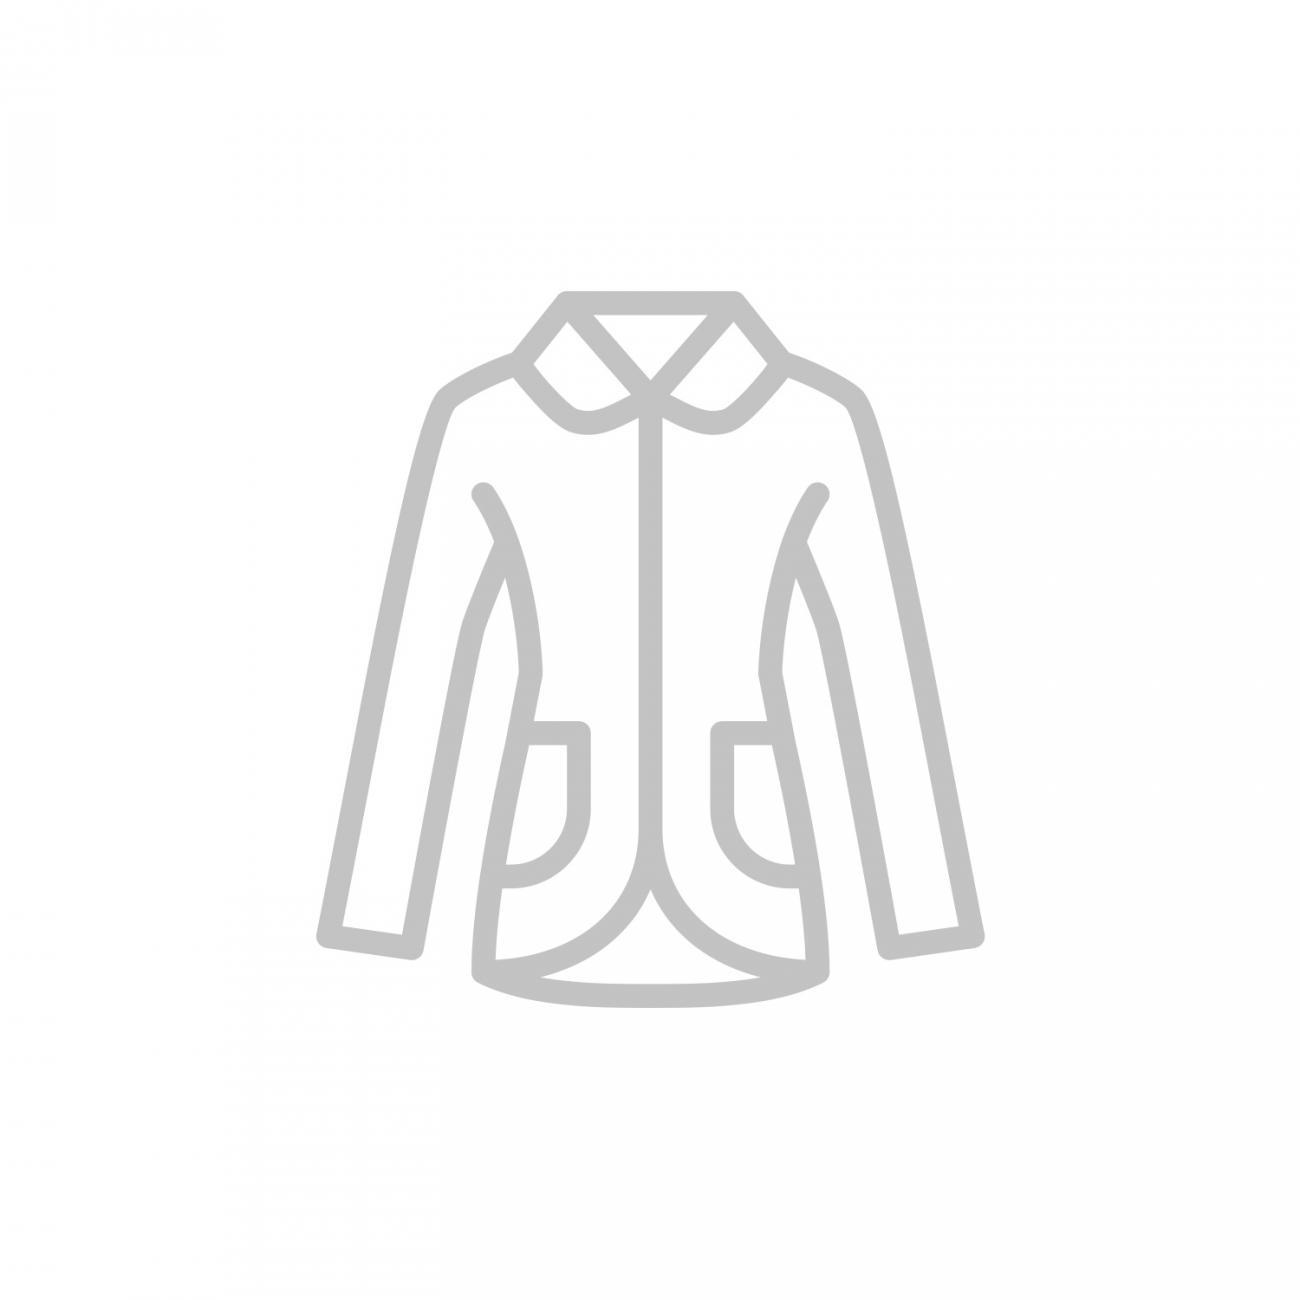 Mantel mit Knopfleiste dark petrol | 44